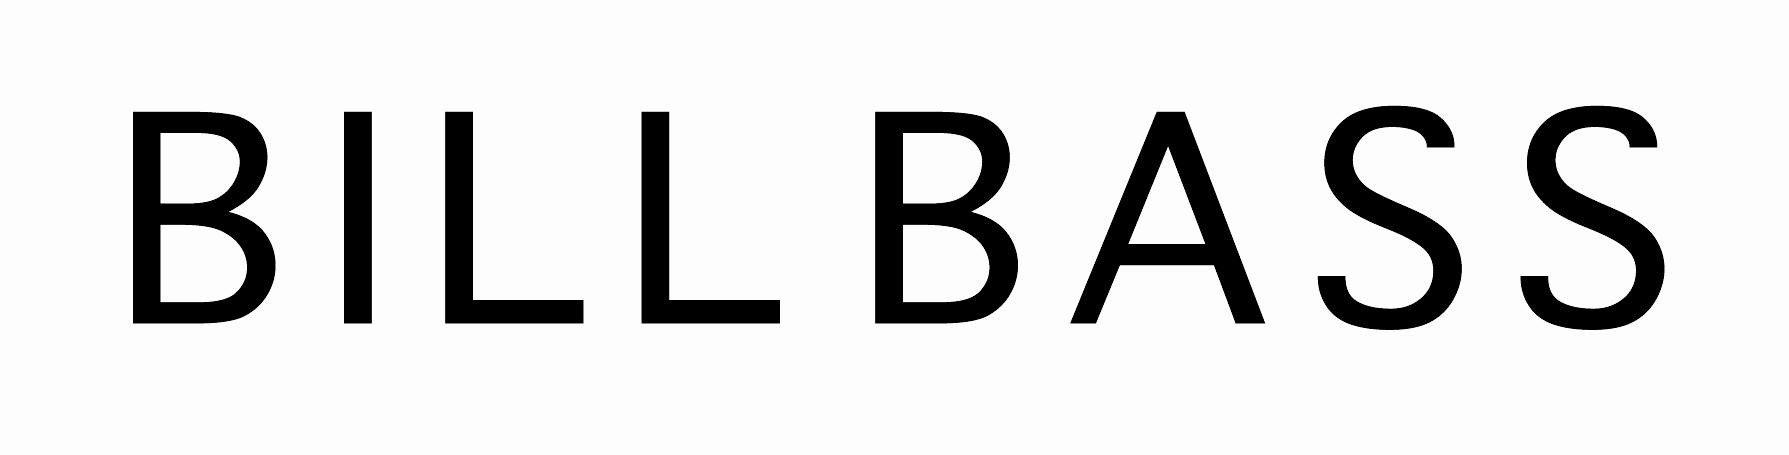 Bill Bass